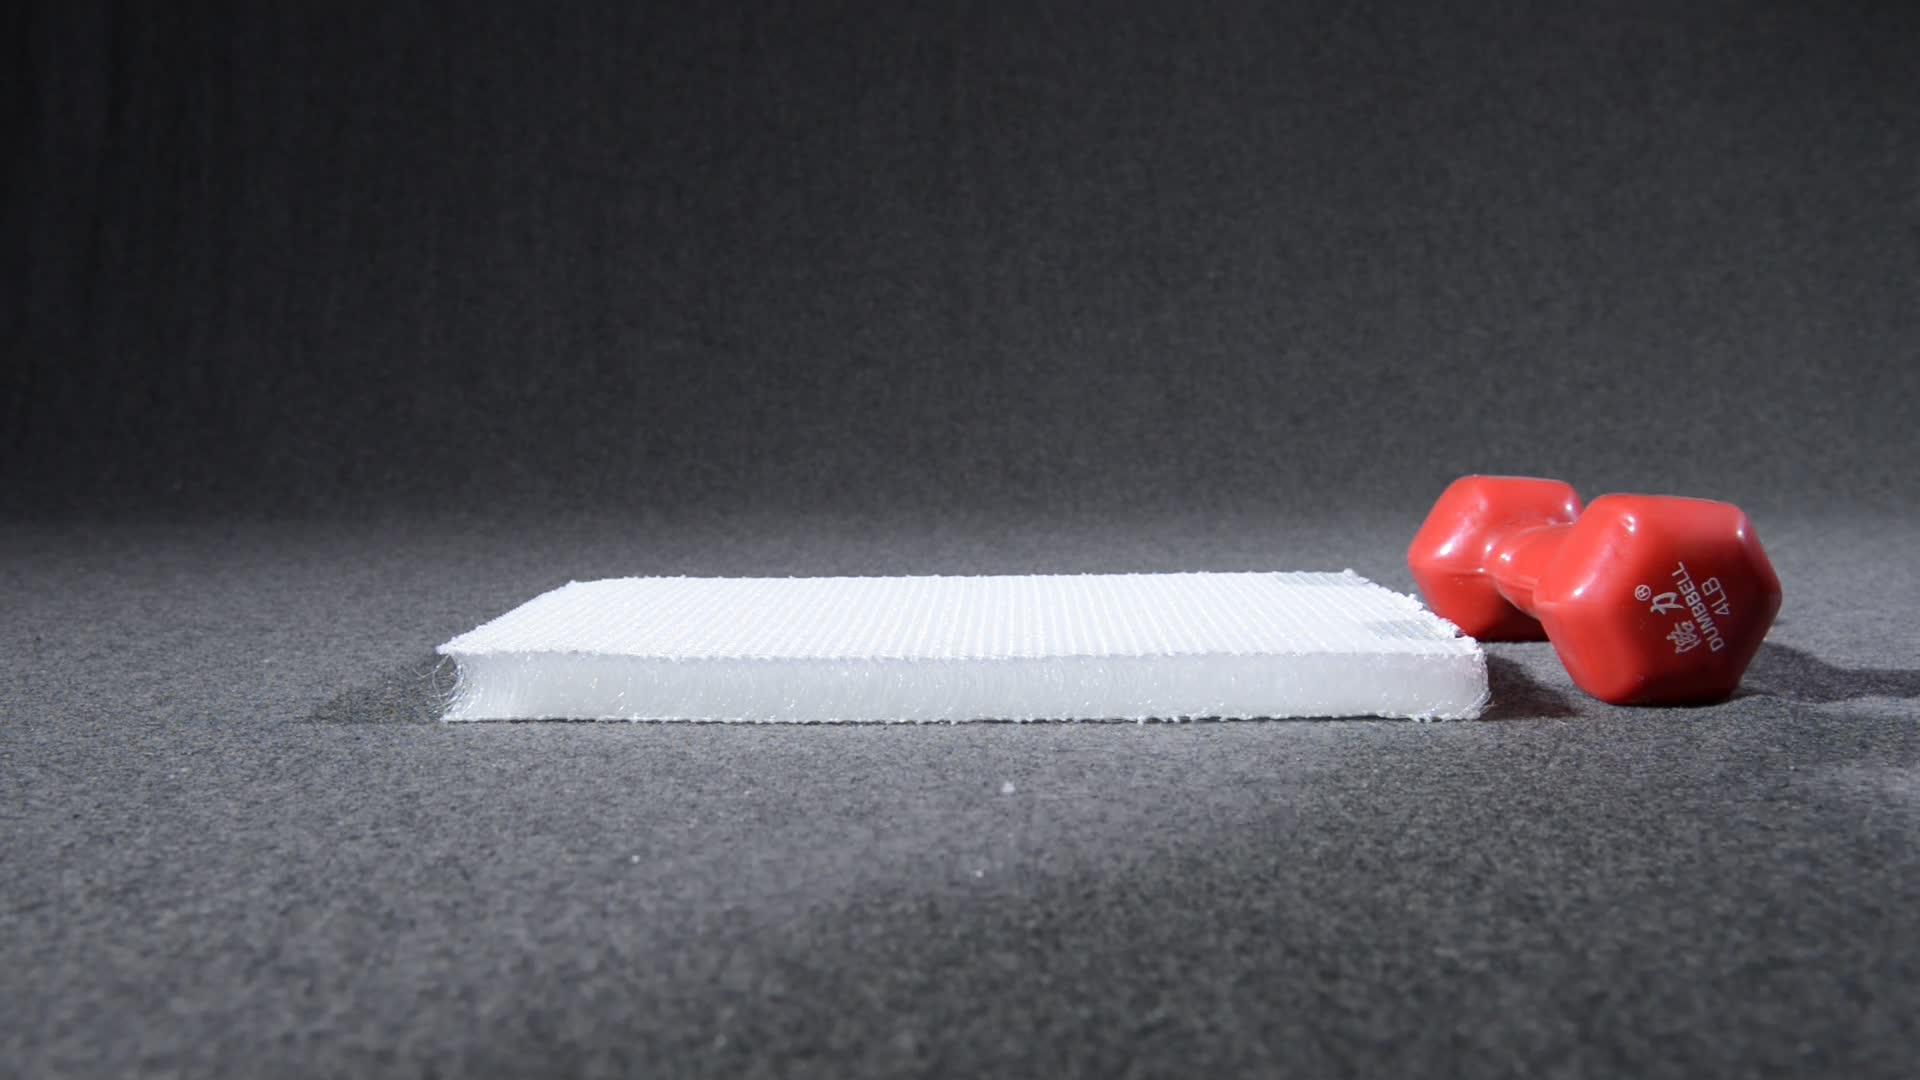 SGS 100 ポリエステル 3D スペーサーエアメッシュ生地ソフトベビーベッドマットレスプロテクタークロールマットため Anran 技術